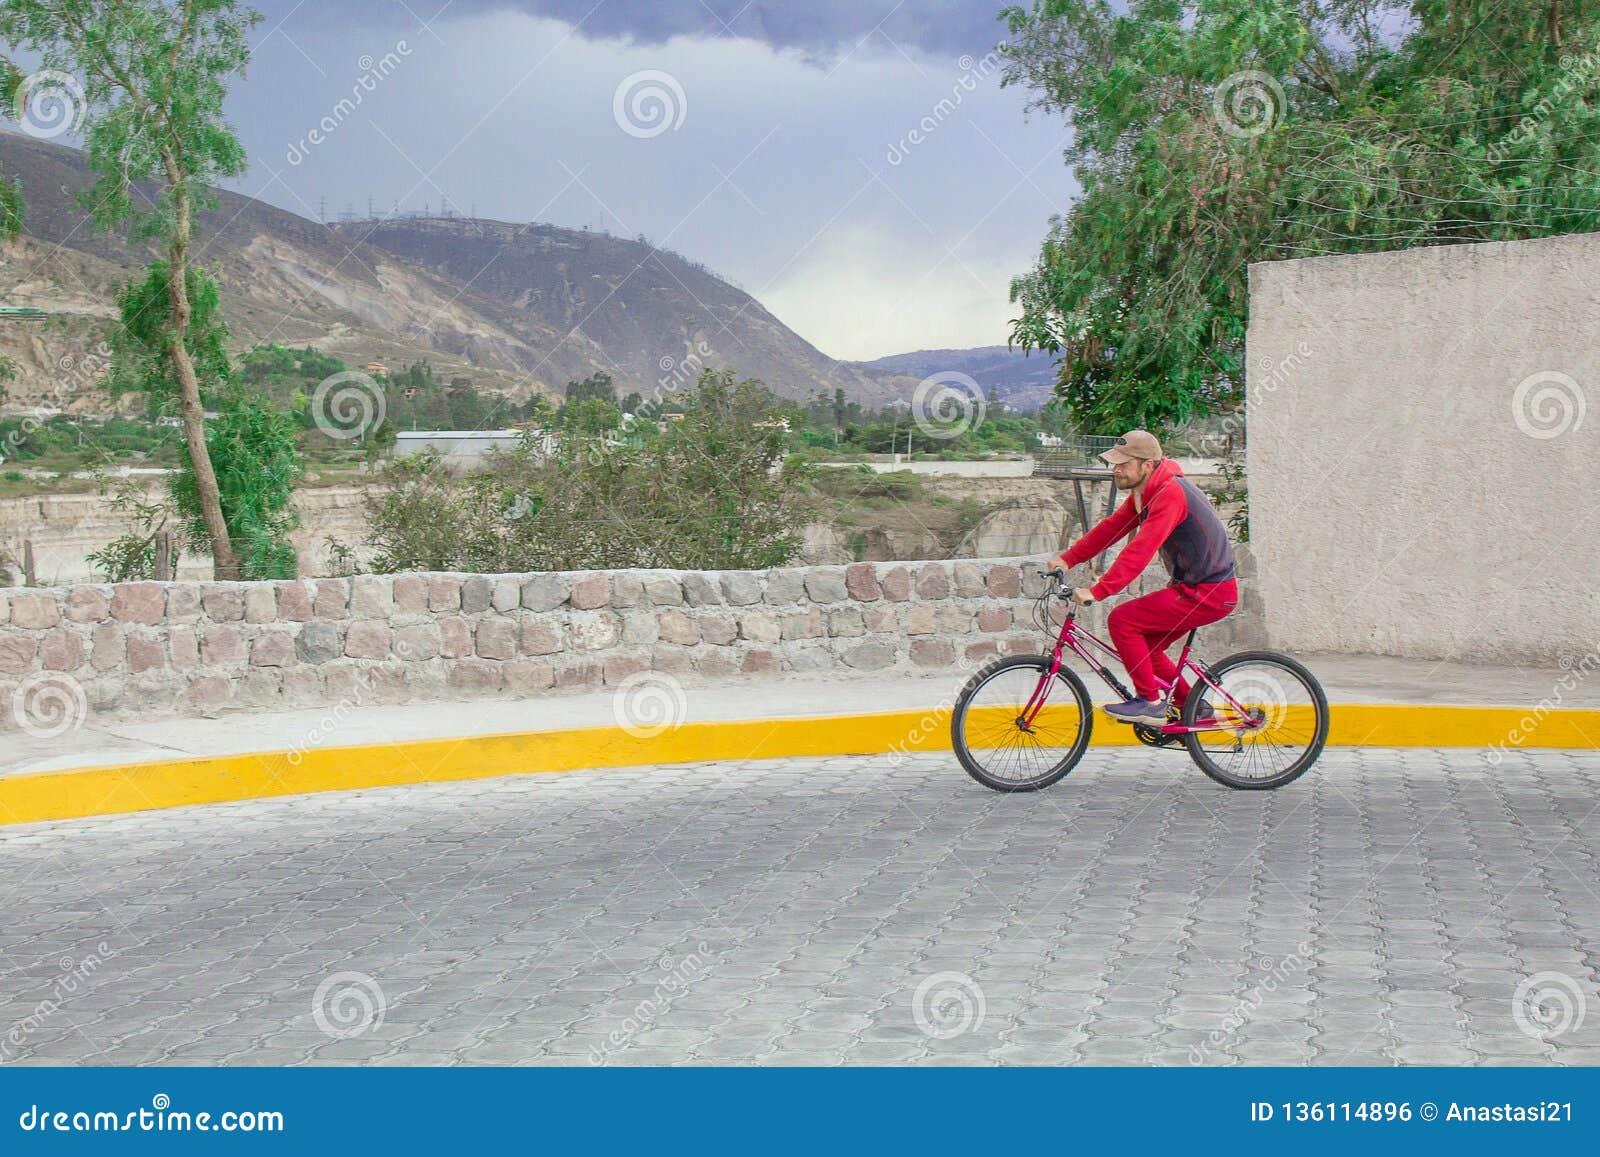 Paesaggio, montagne e natura La strada è posta con una pietra e un uomo la guida su una bicicletta, azionamenti lungo la strada